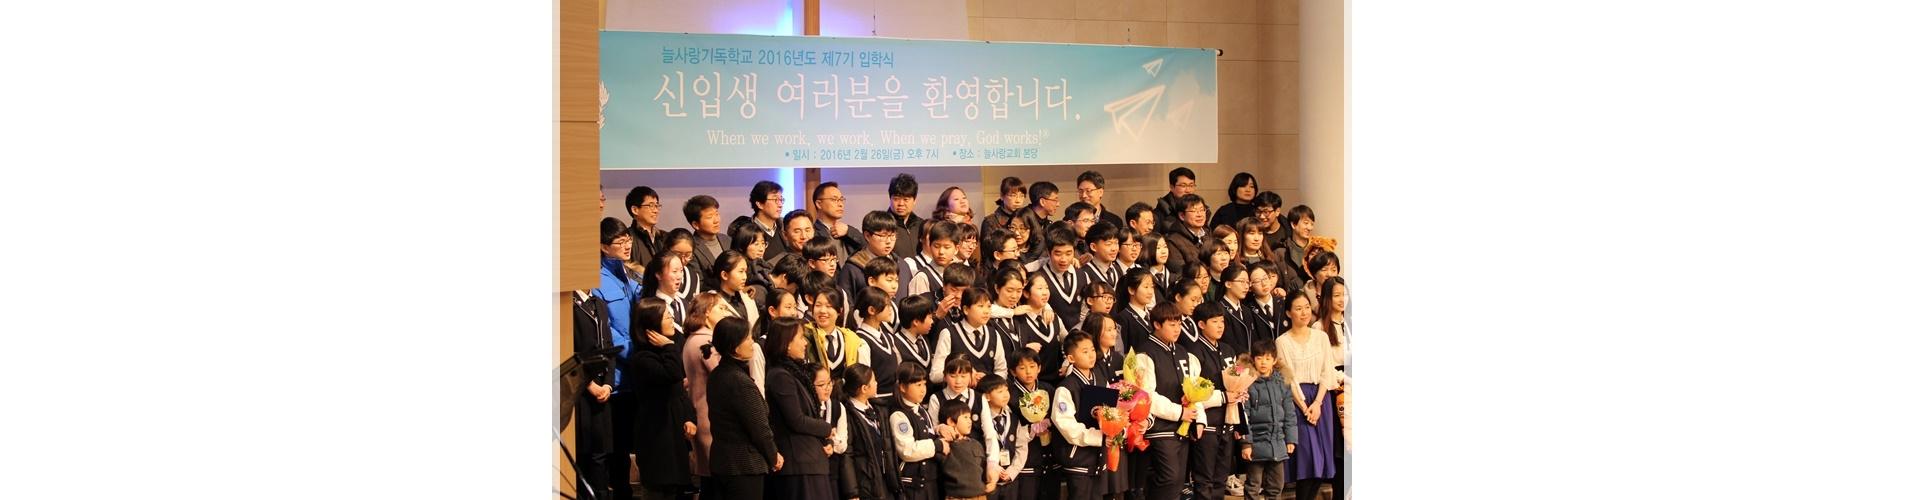 2016-02-26 입학식